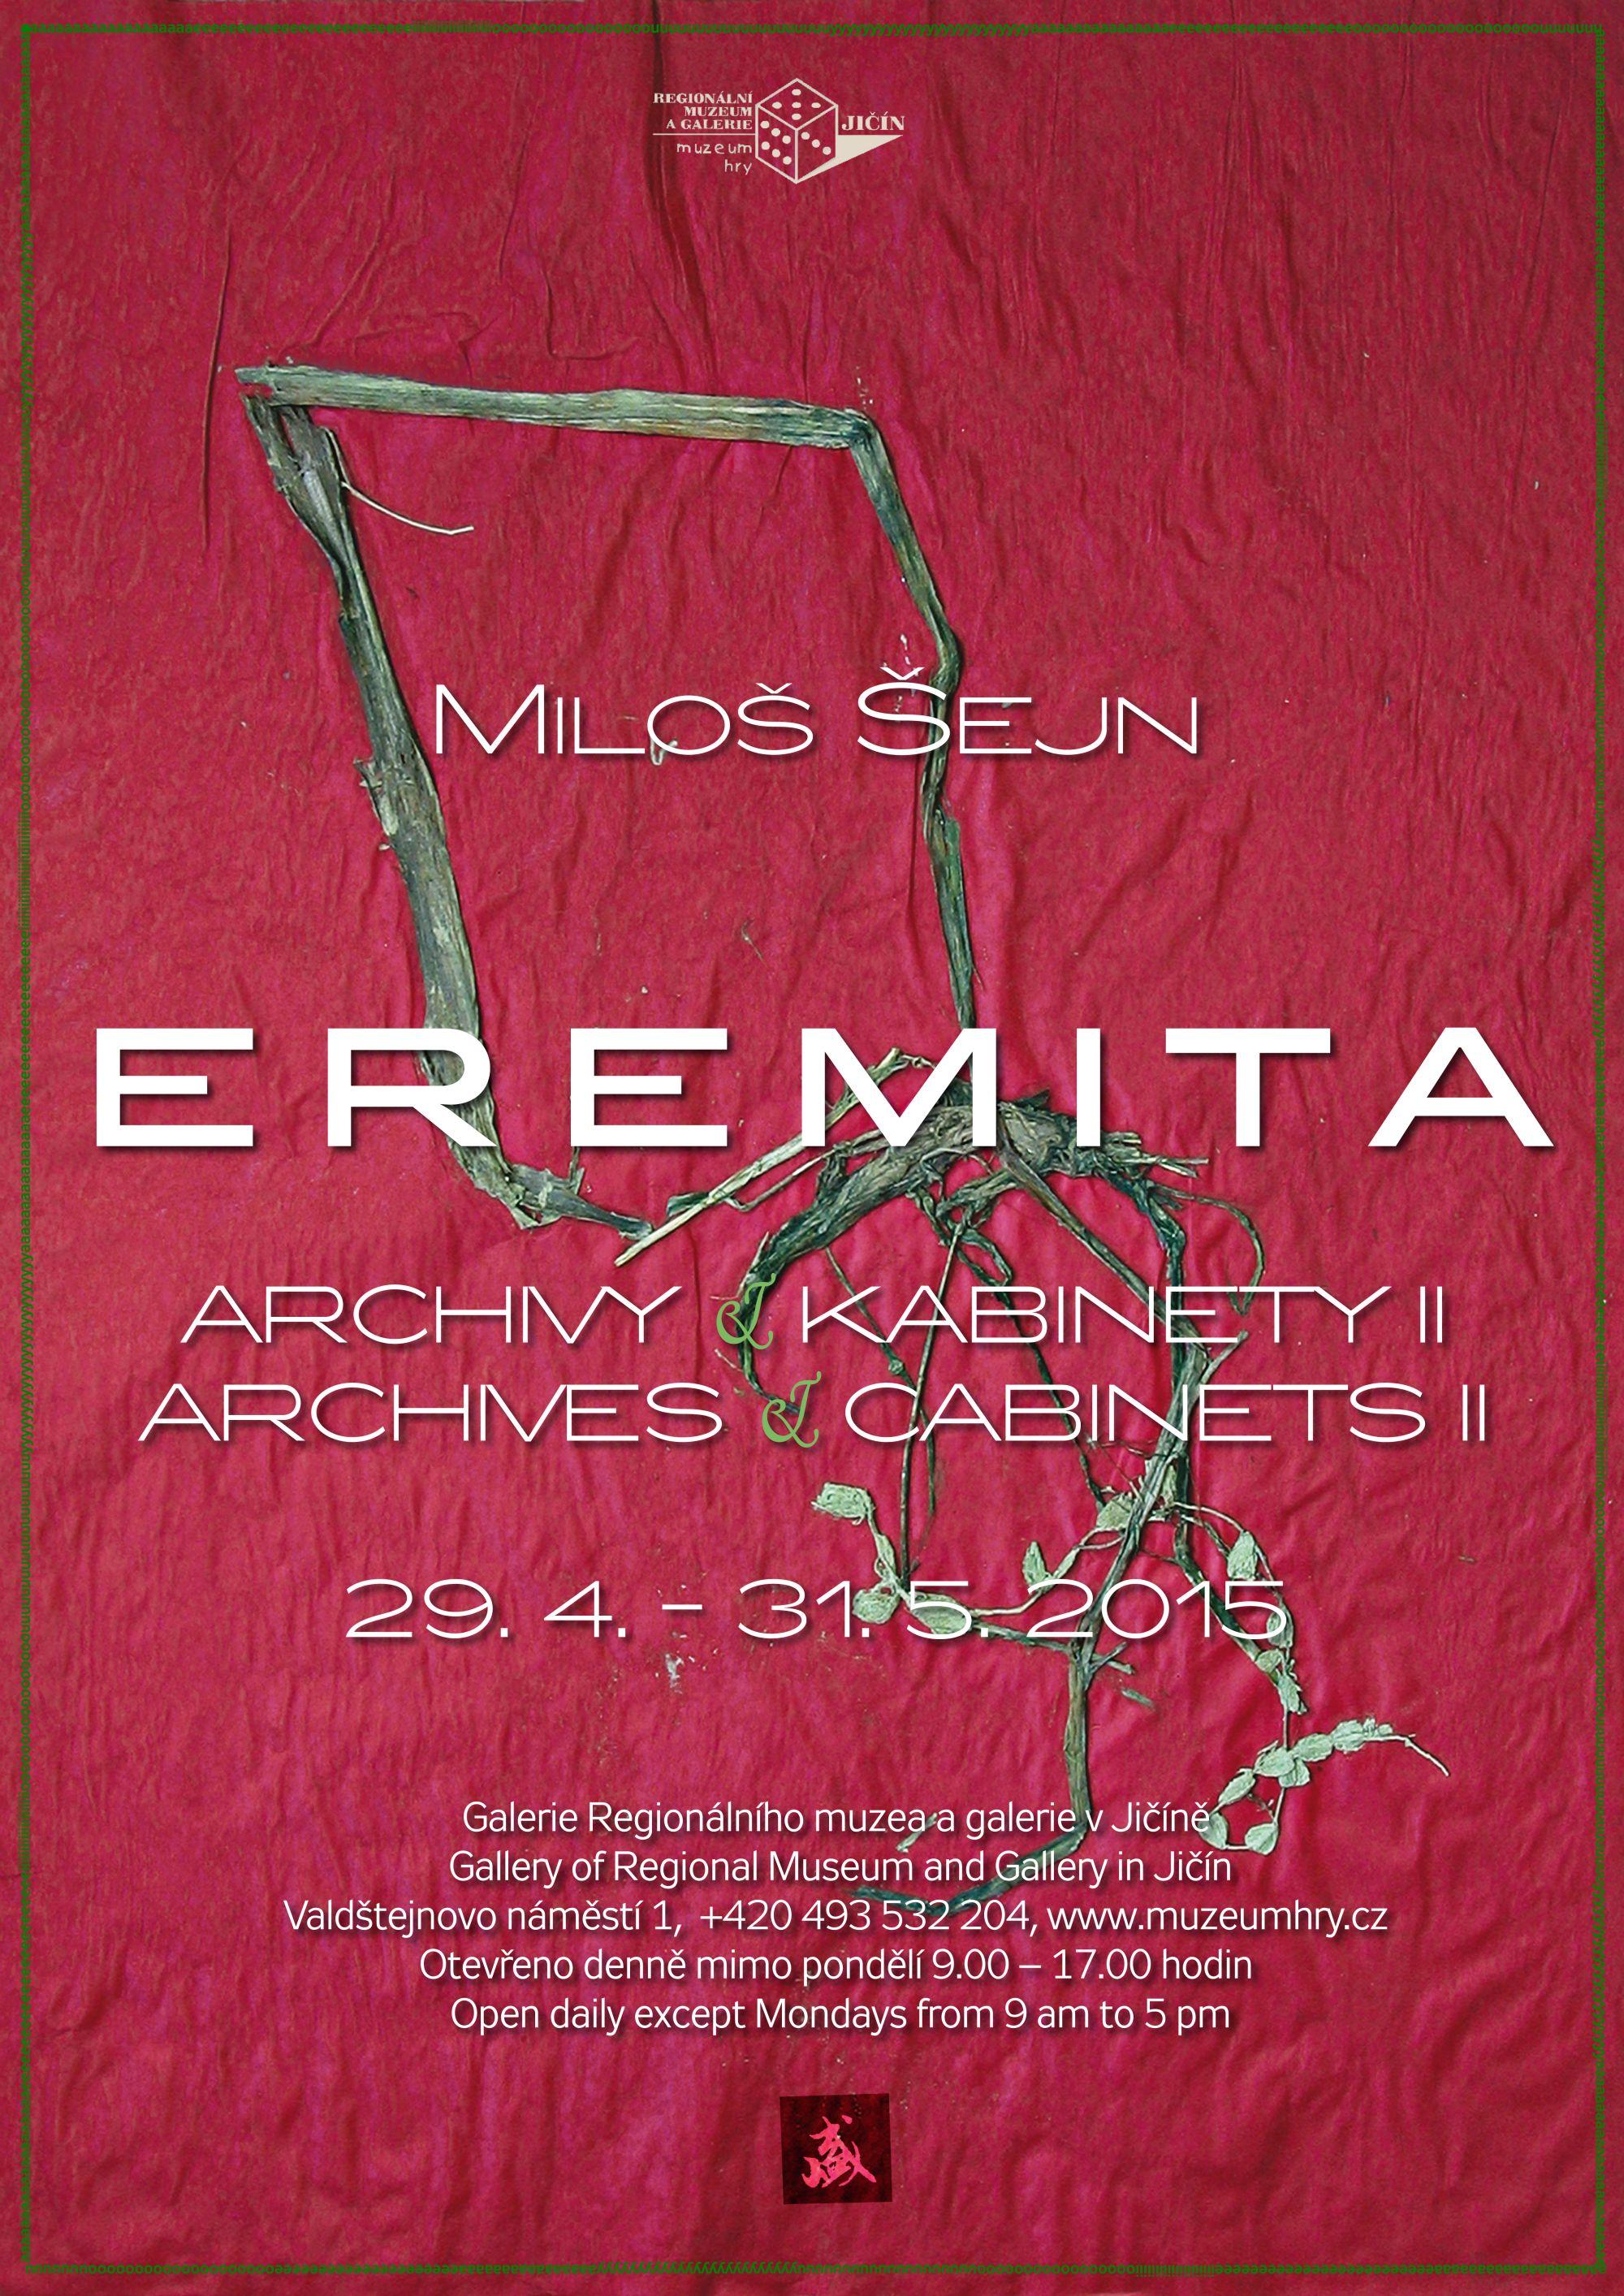 EREMITA: Archivy a kabinety II